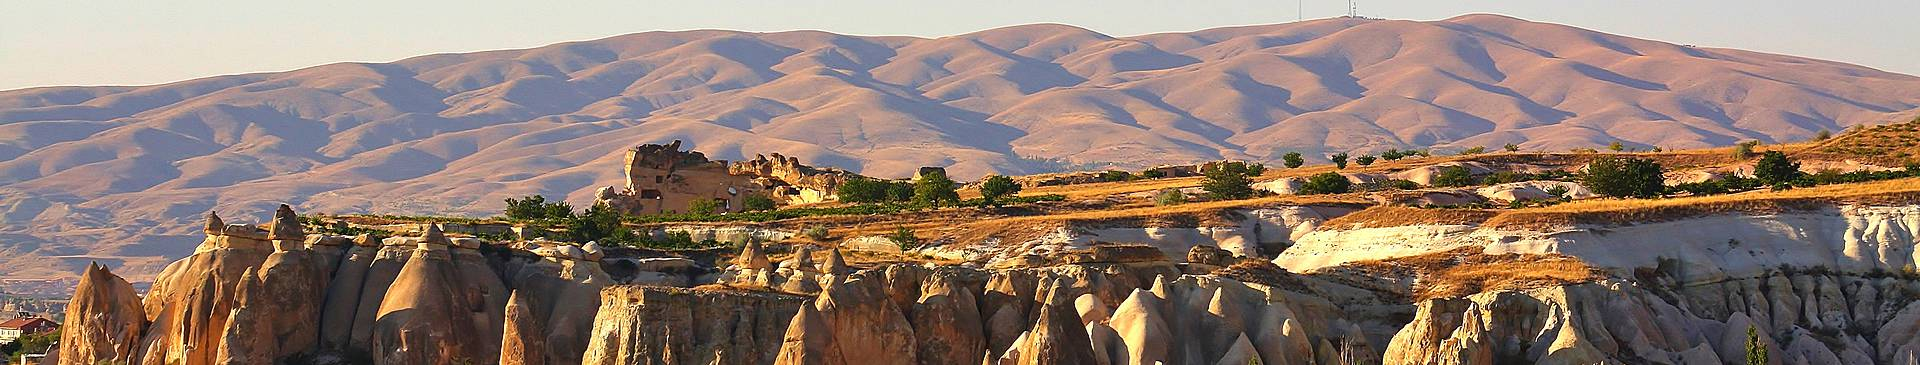 Viaggi in Turchia a ottobre